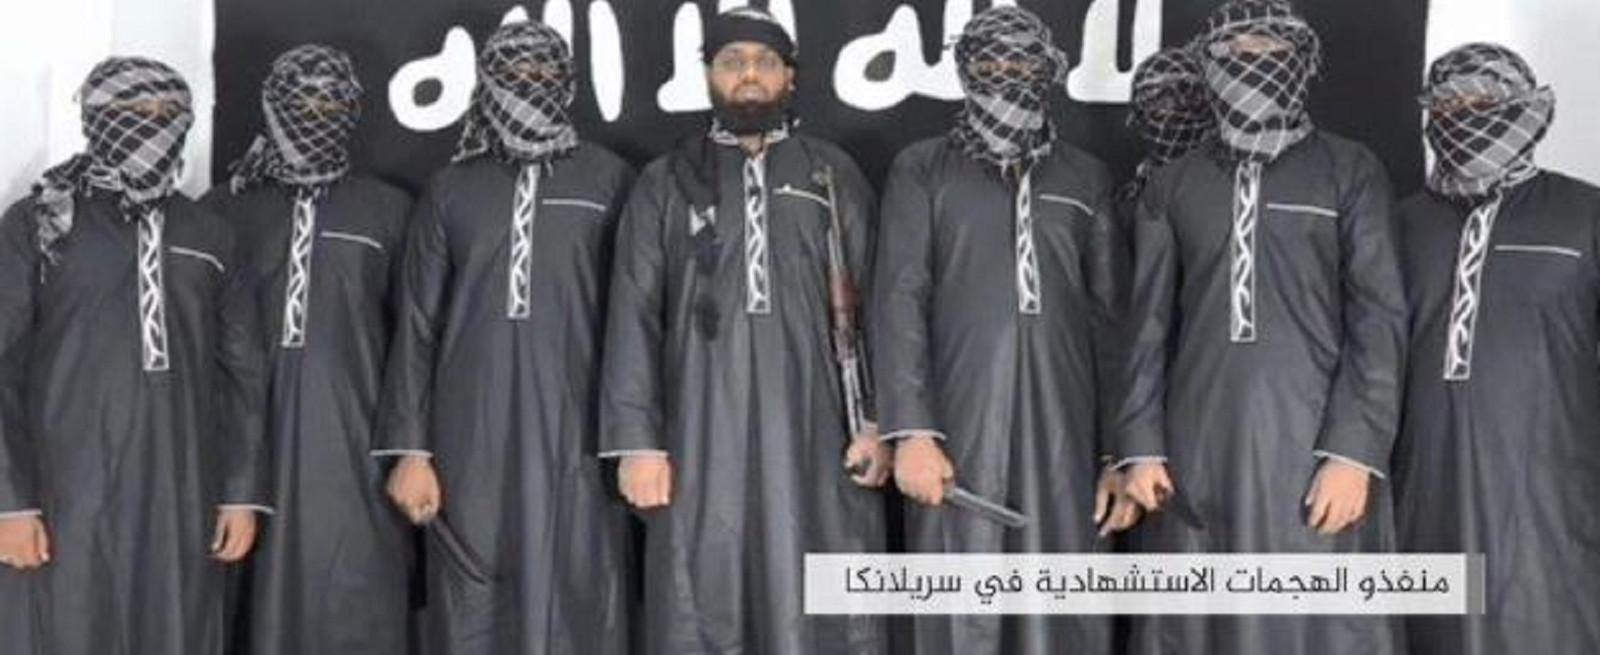 De vermeende aanslagplegers met in het midden de man die het brein erachter zou zijn geweest: Zahran Hashim.